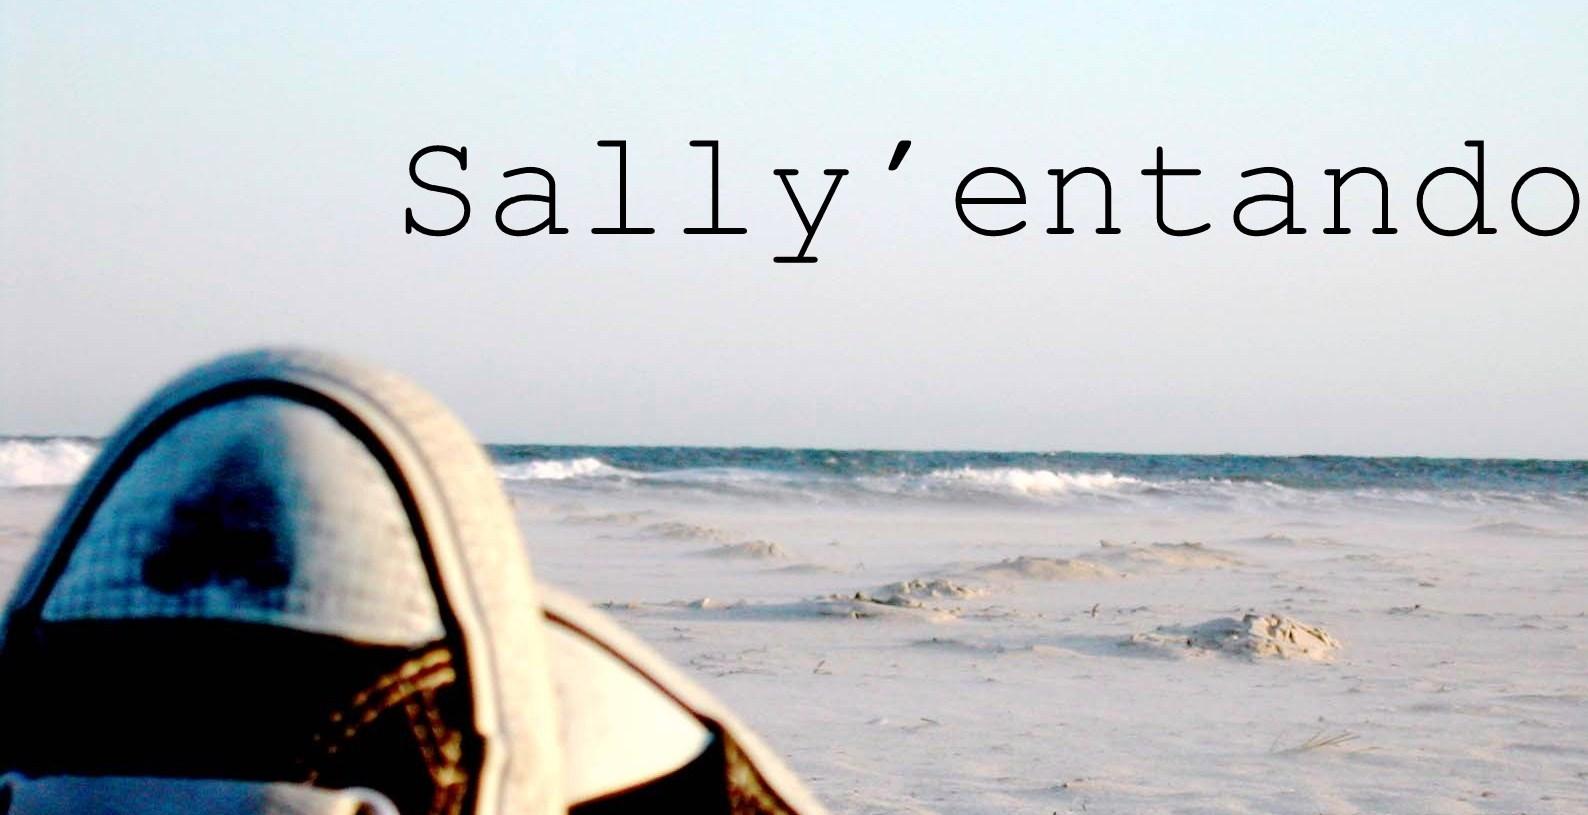 Sally'entando